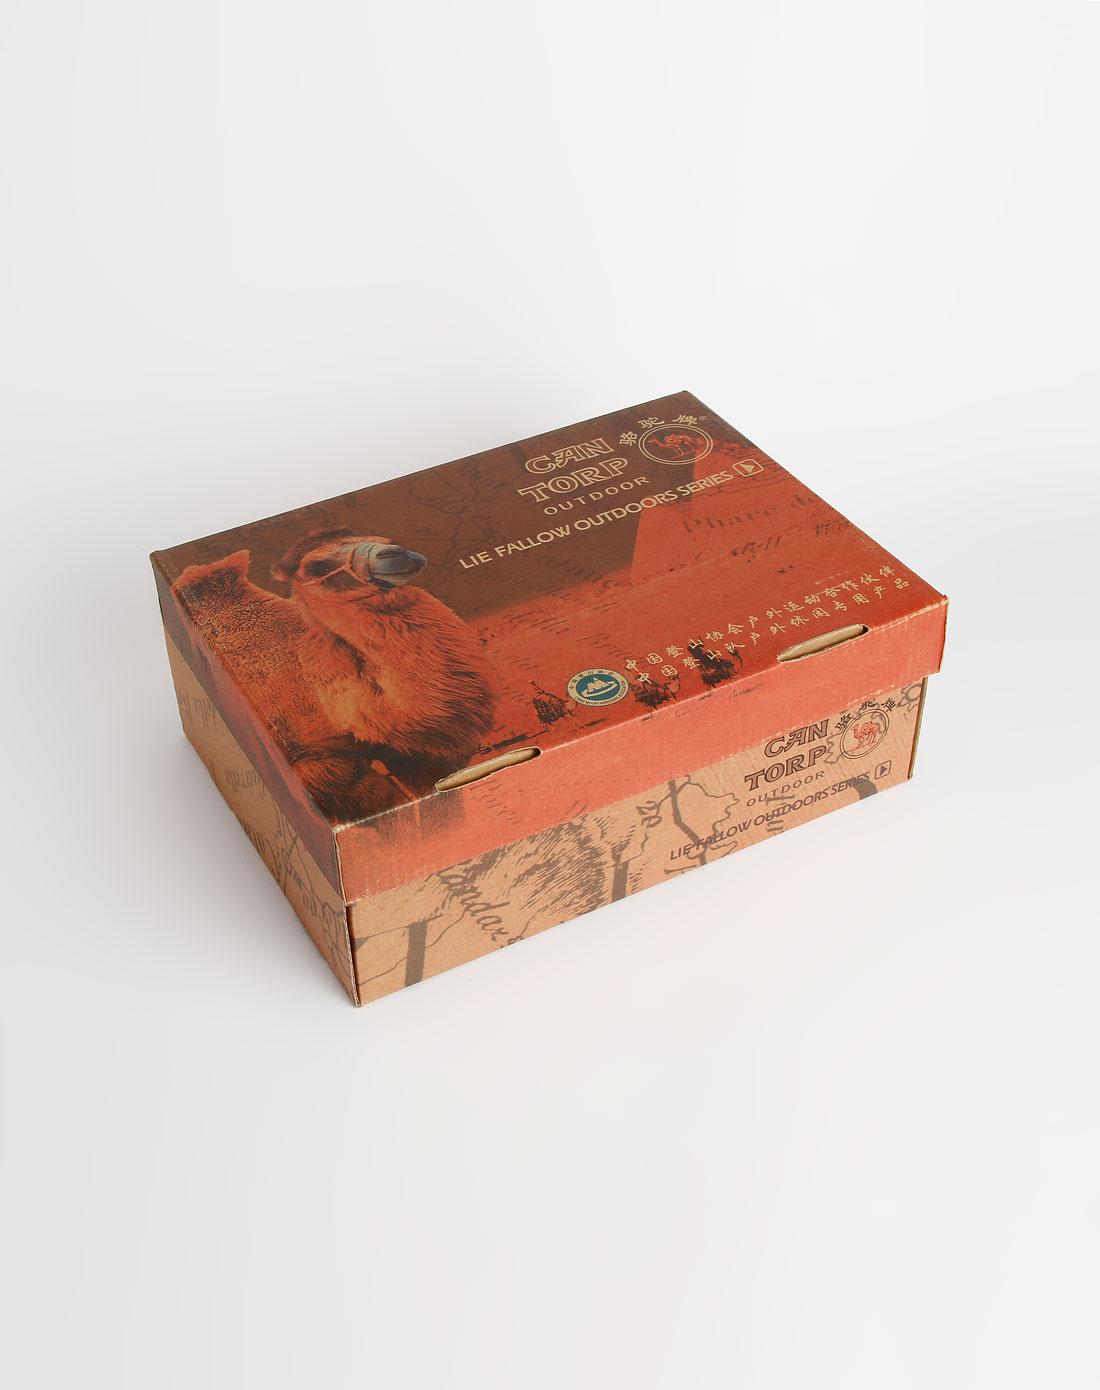 绿色时尚拖鞋_美国骆驼cantorp特价2.6-4.5折